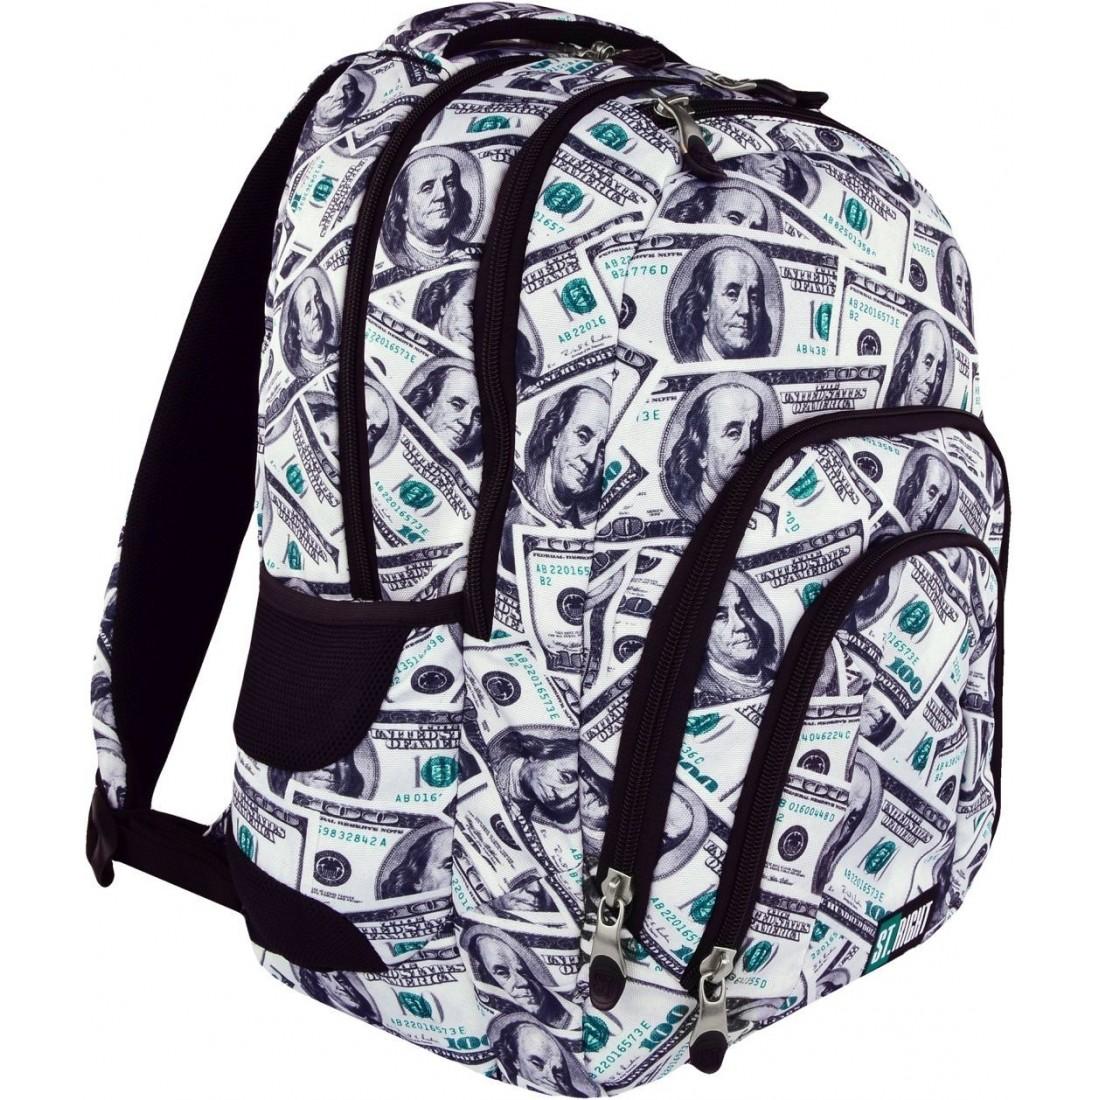 b91438aef0c1a Plecak szkolny ST.RIGHT DOLLARS dolary full print młodzieżowy HIT ...